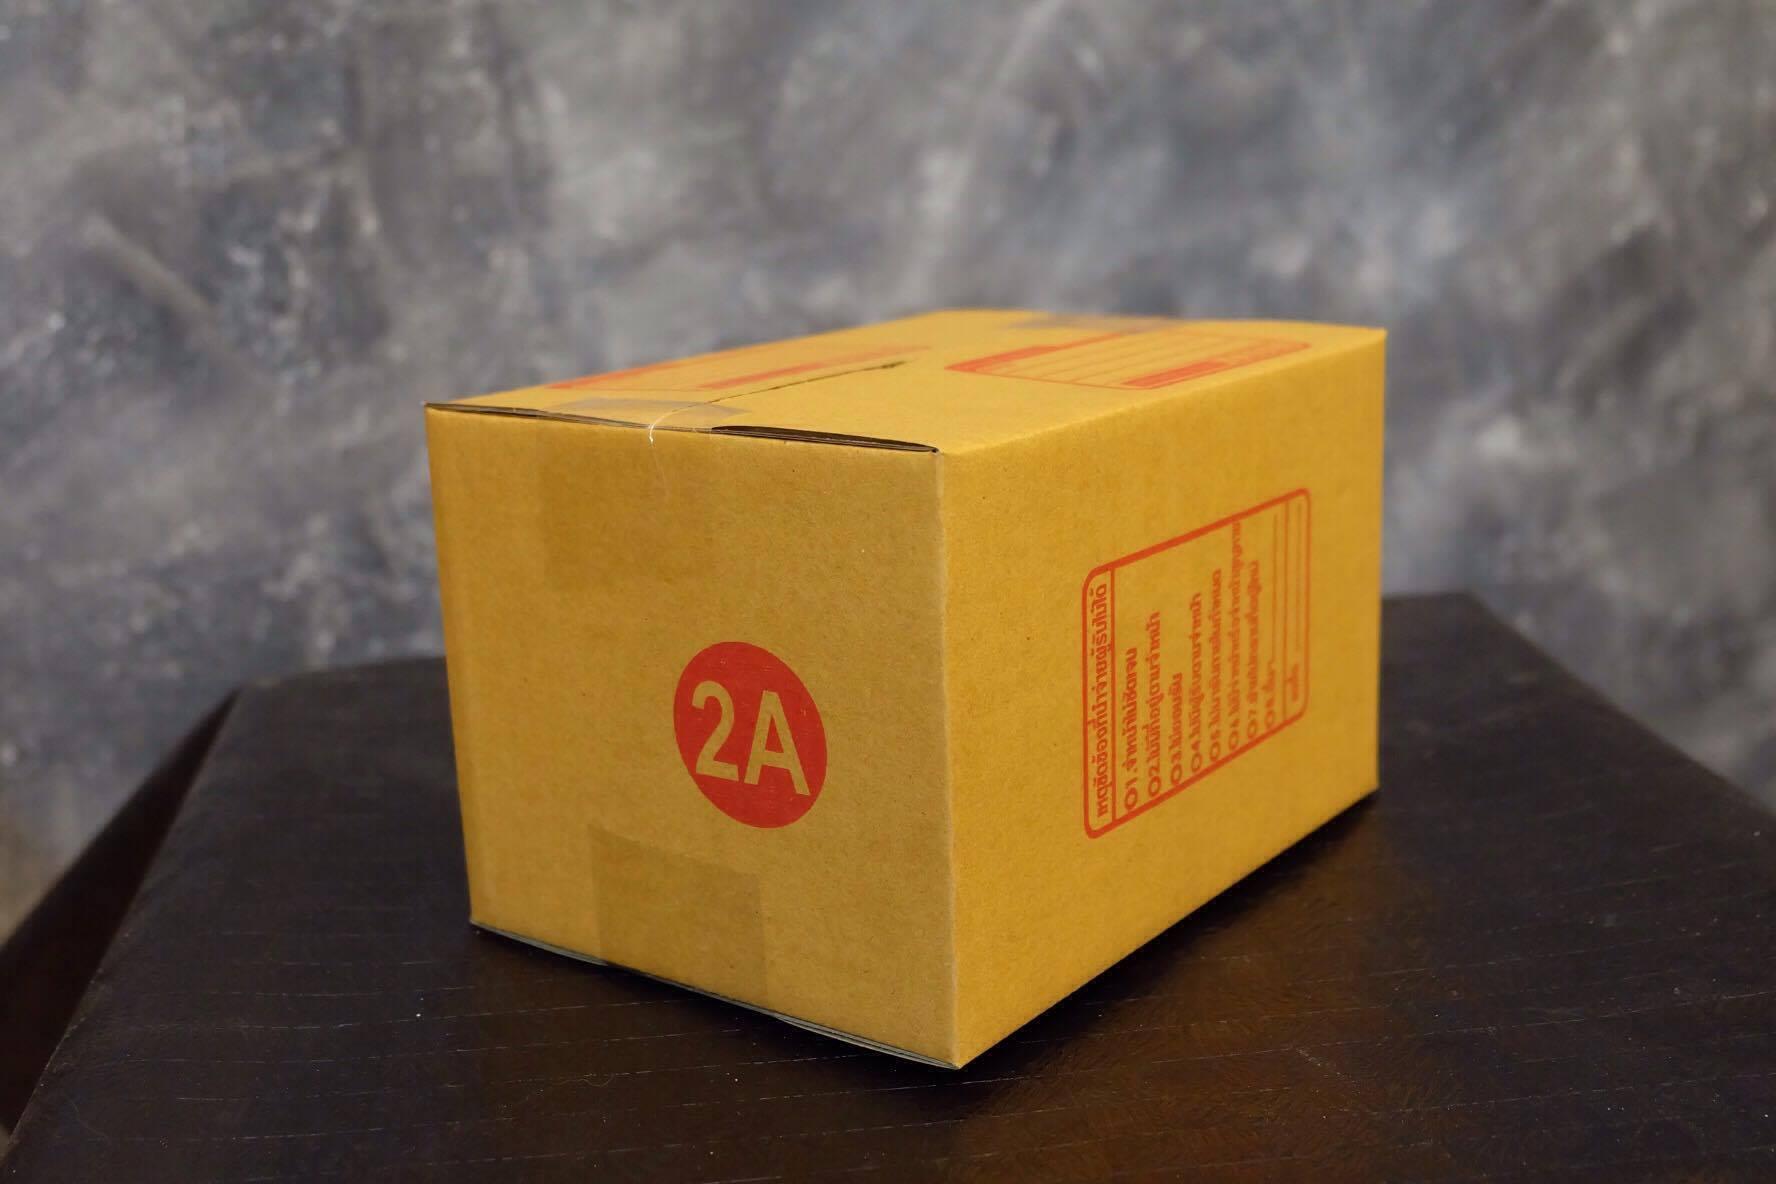 กล่องพัสดุ เบอร์ 2A (14x20x12 cm.)